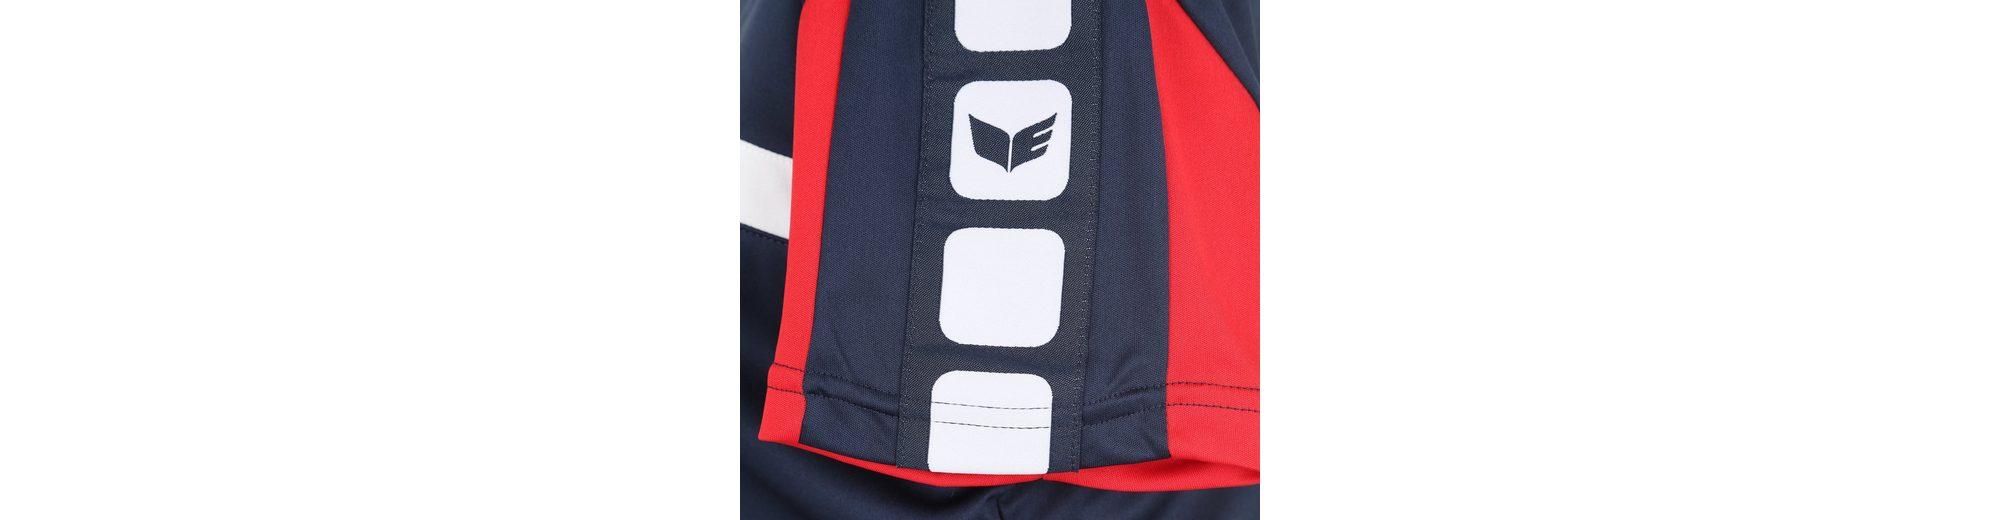 CUBES 5 5 Poloshirt Damen ERIMA CUBES 5 CUBES ERIMA Damen ERIMA Poloshirt dRR6wqS